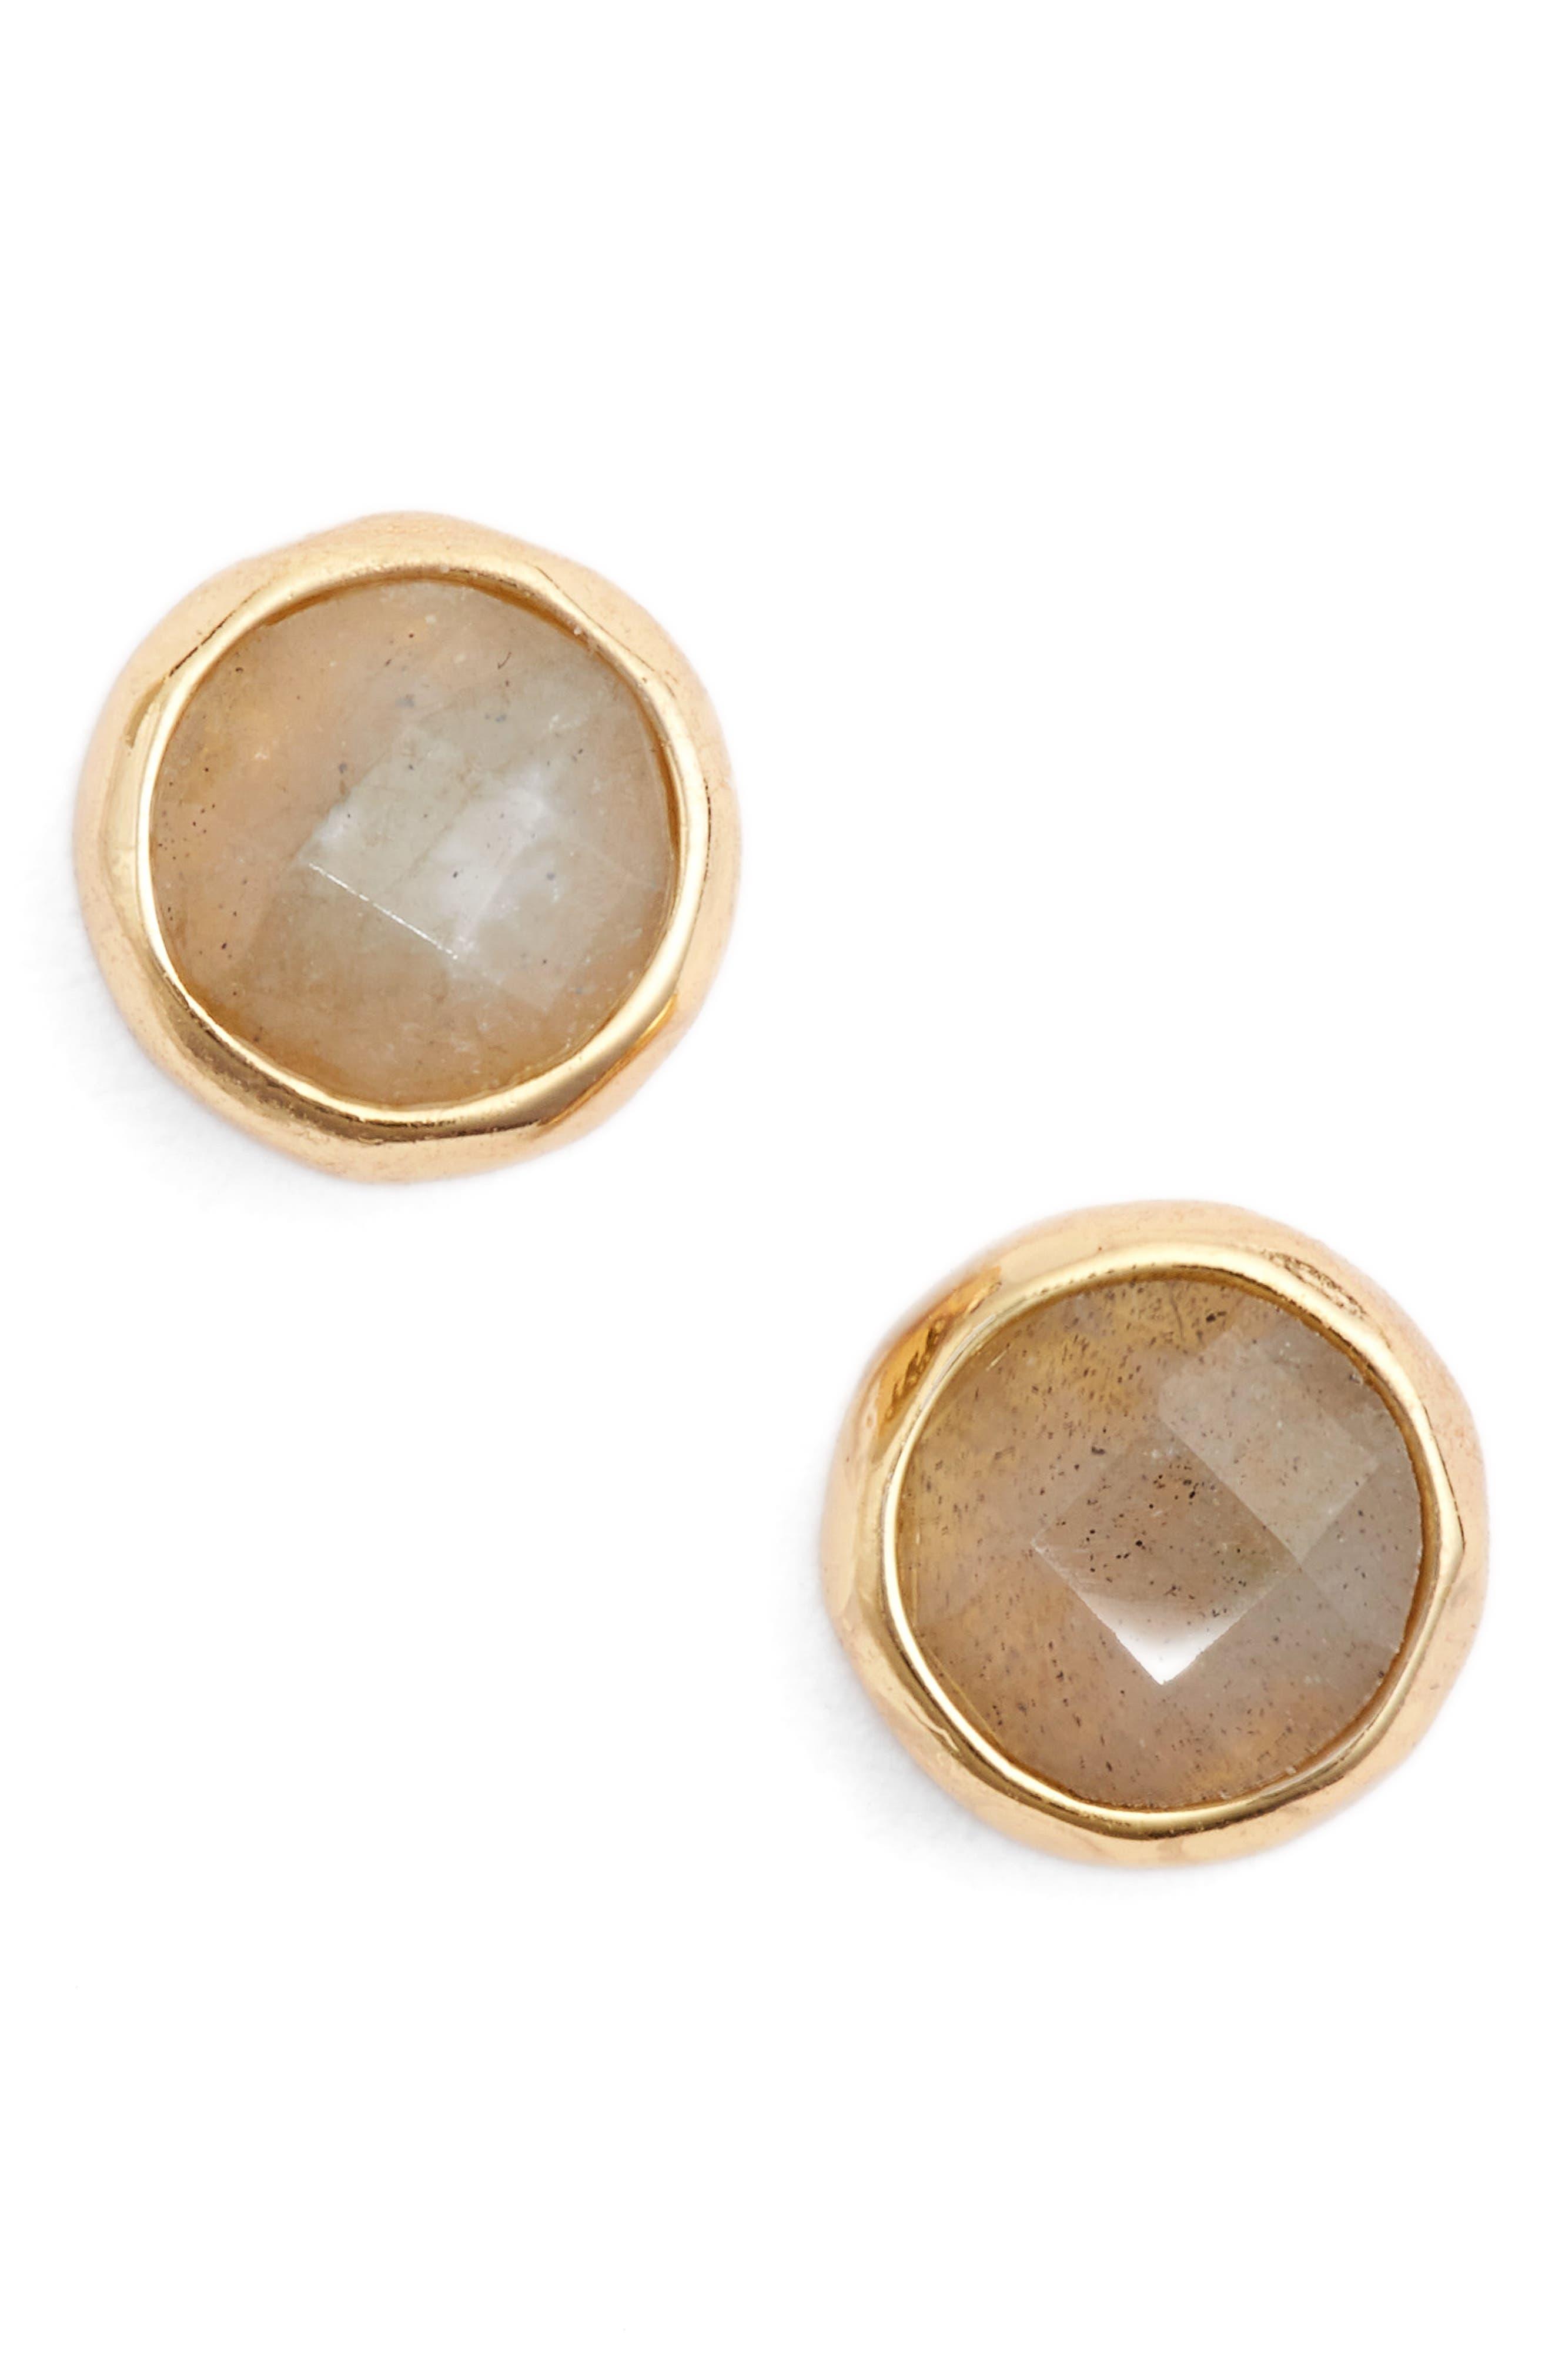 Balance Stud Earrings,                             Main thumbnail 1, color,                             LABRADORITE/ GOLD